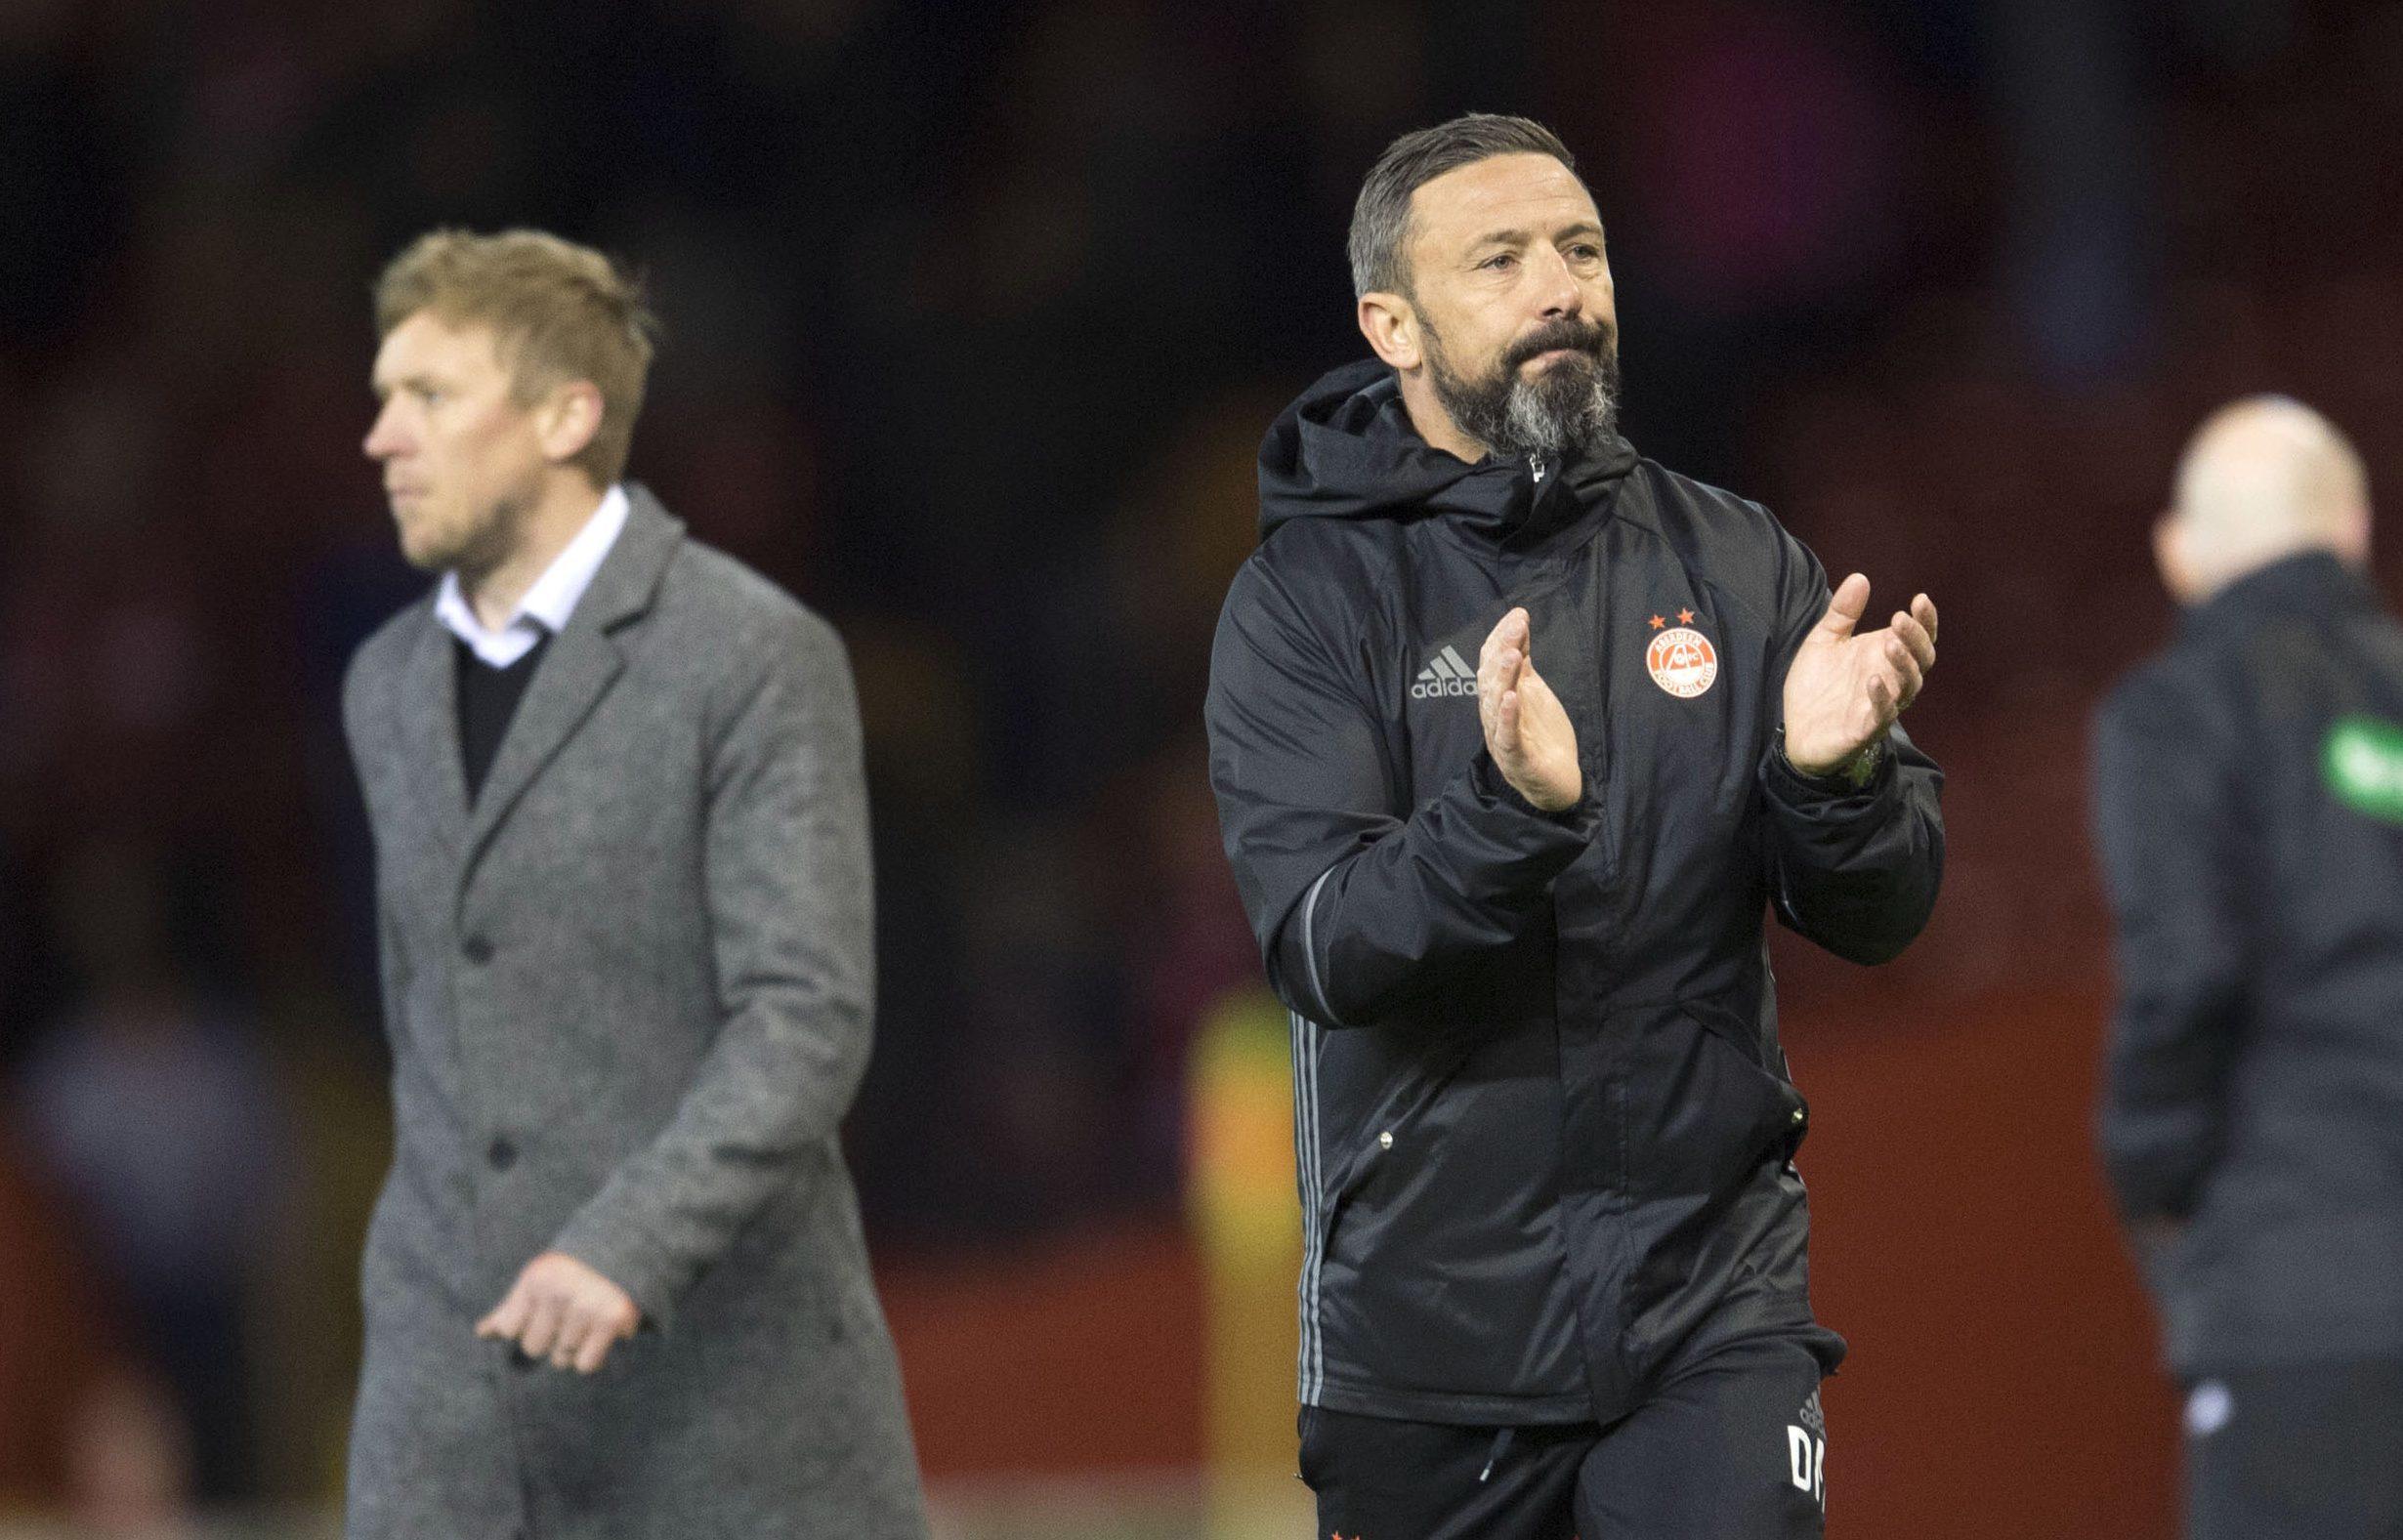 Aberdeen manager Derek McInnes applauds the fans at full time (SNS Group / Bill Murray)